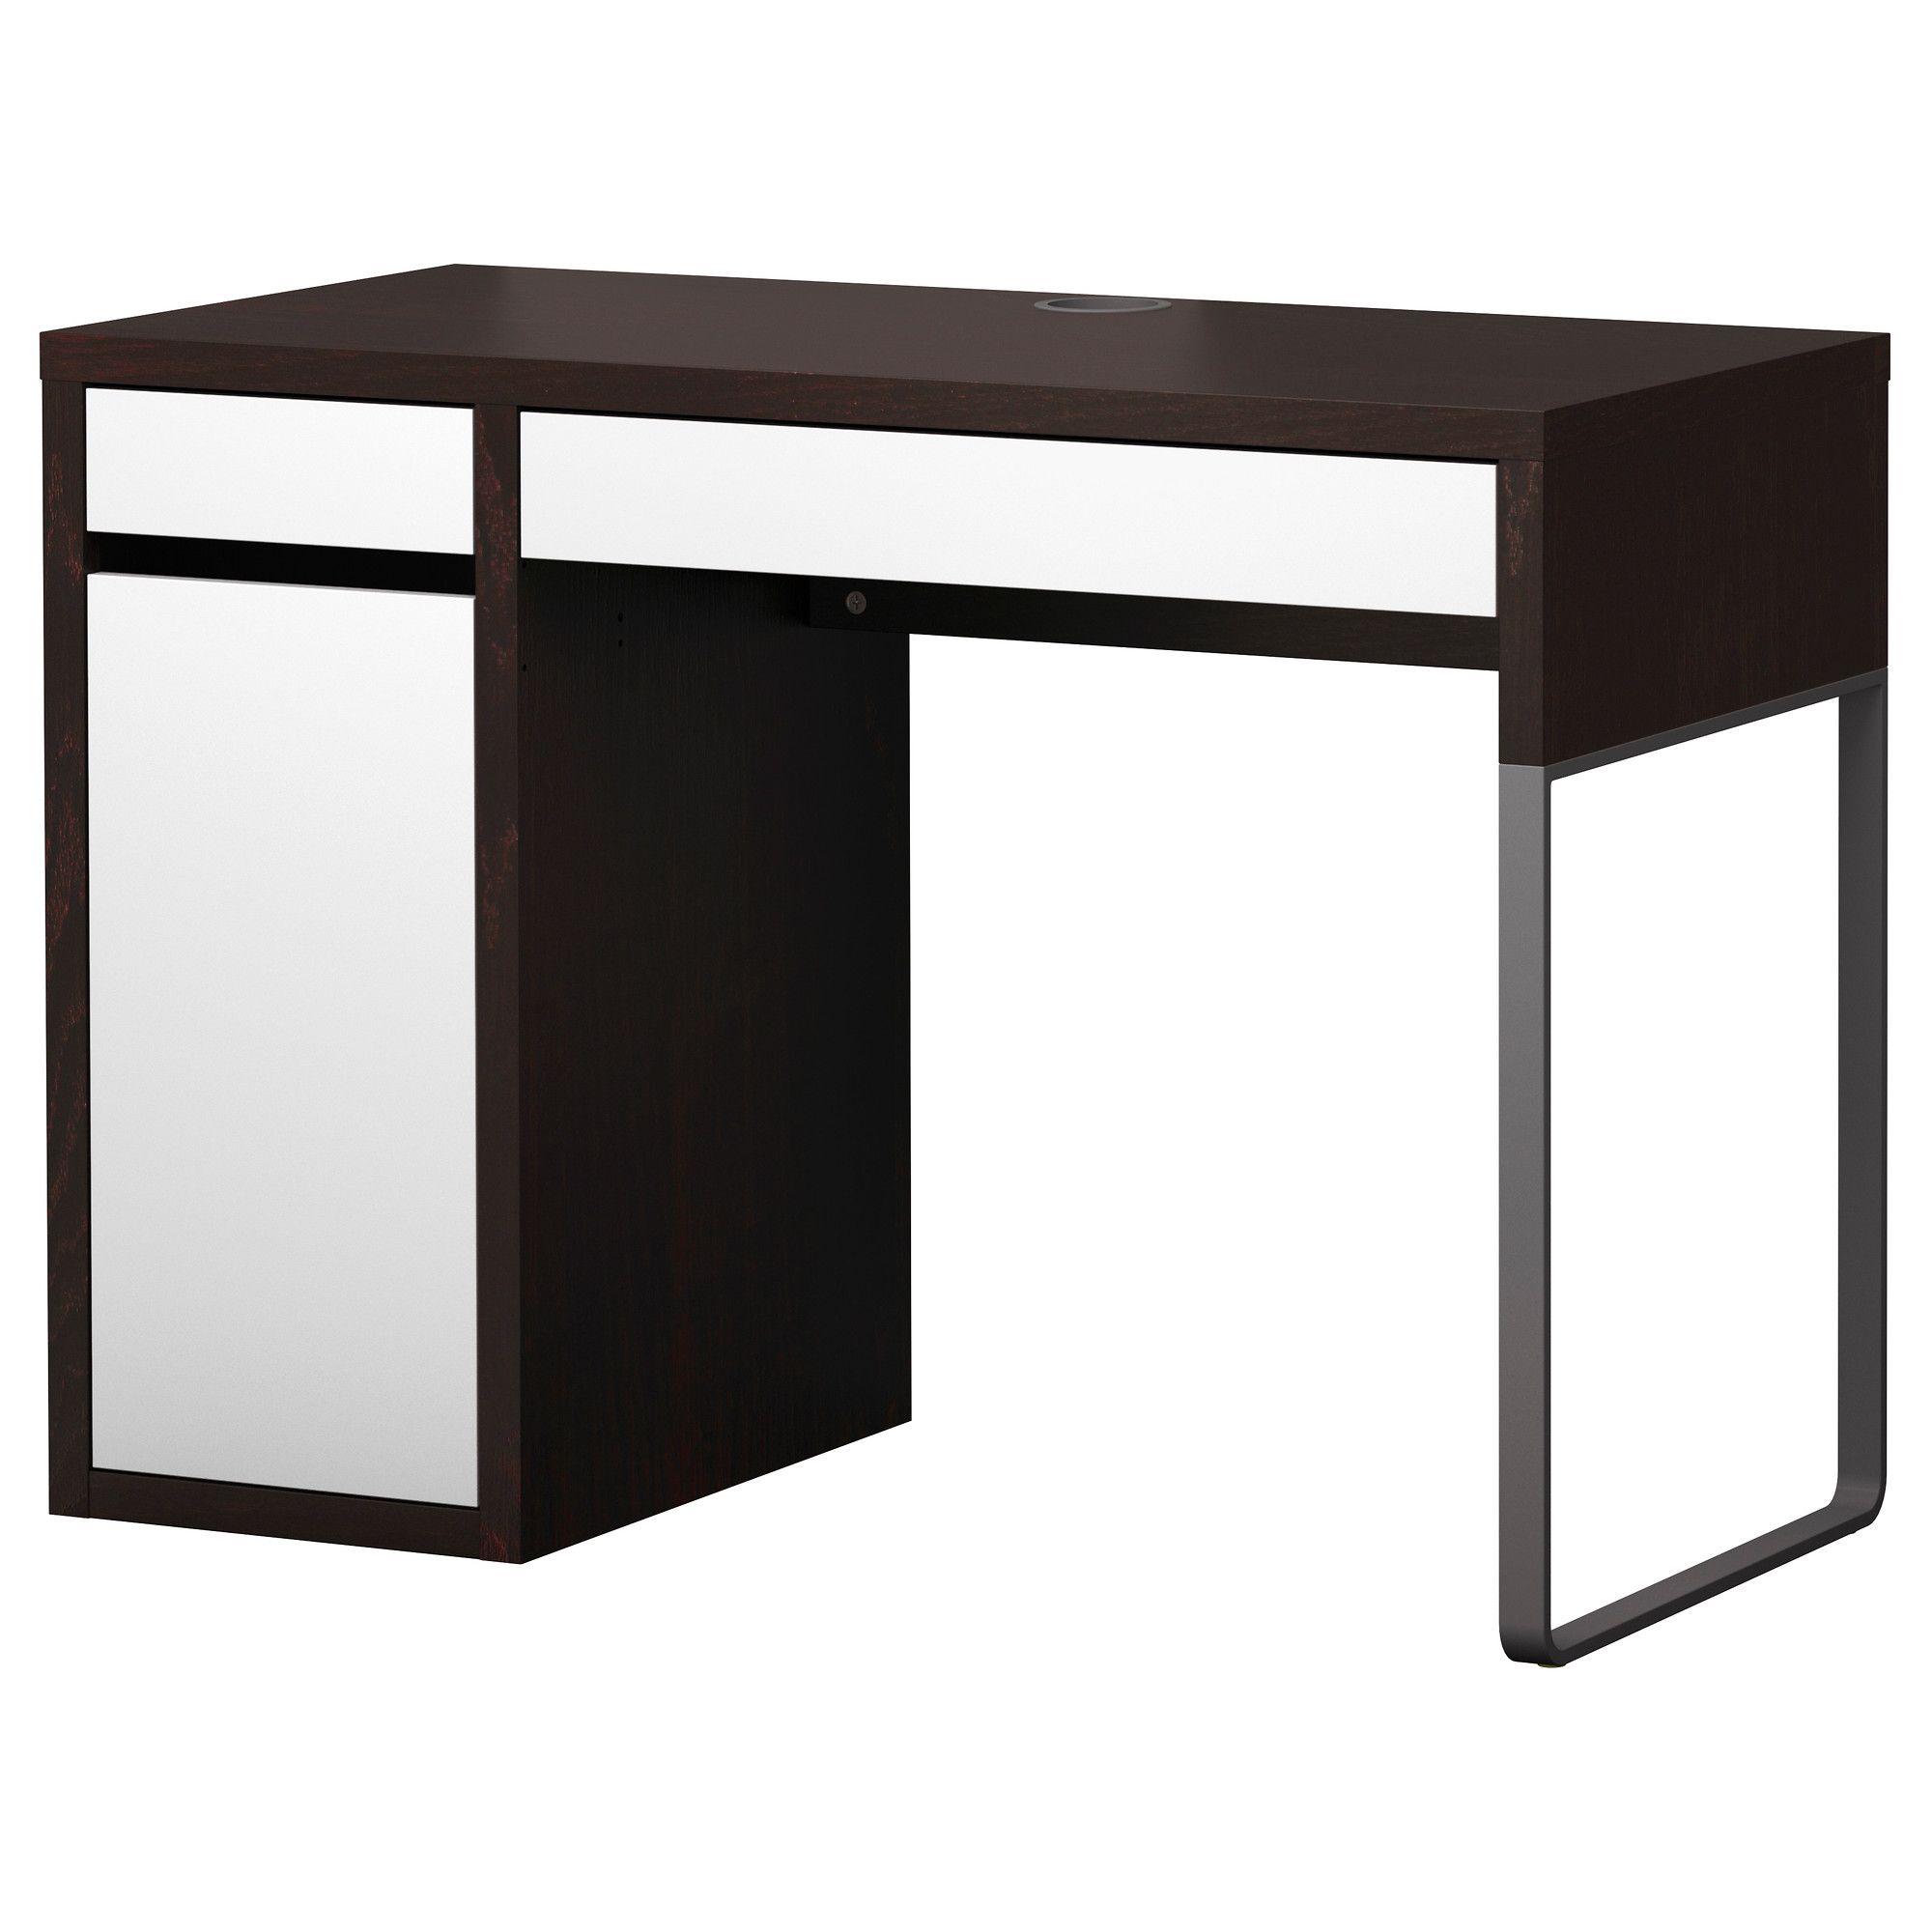 Computermeubel Bureau Ikea.Micke Desk Black Brown White 79 Ikea Home Office Ikea Desk